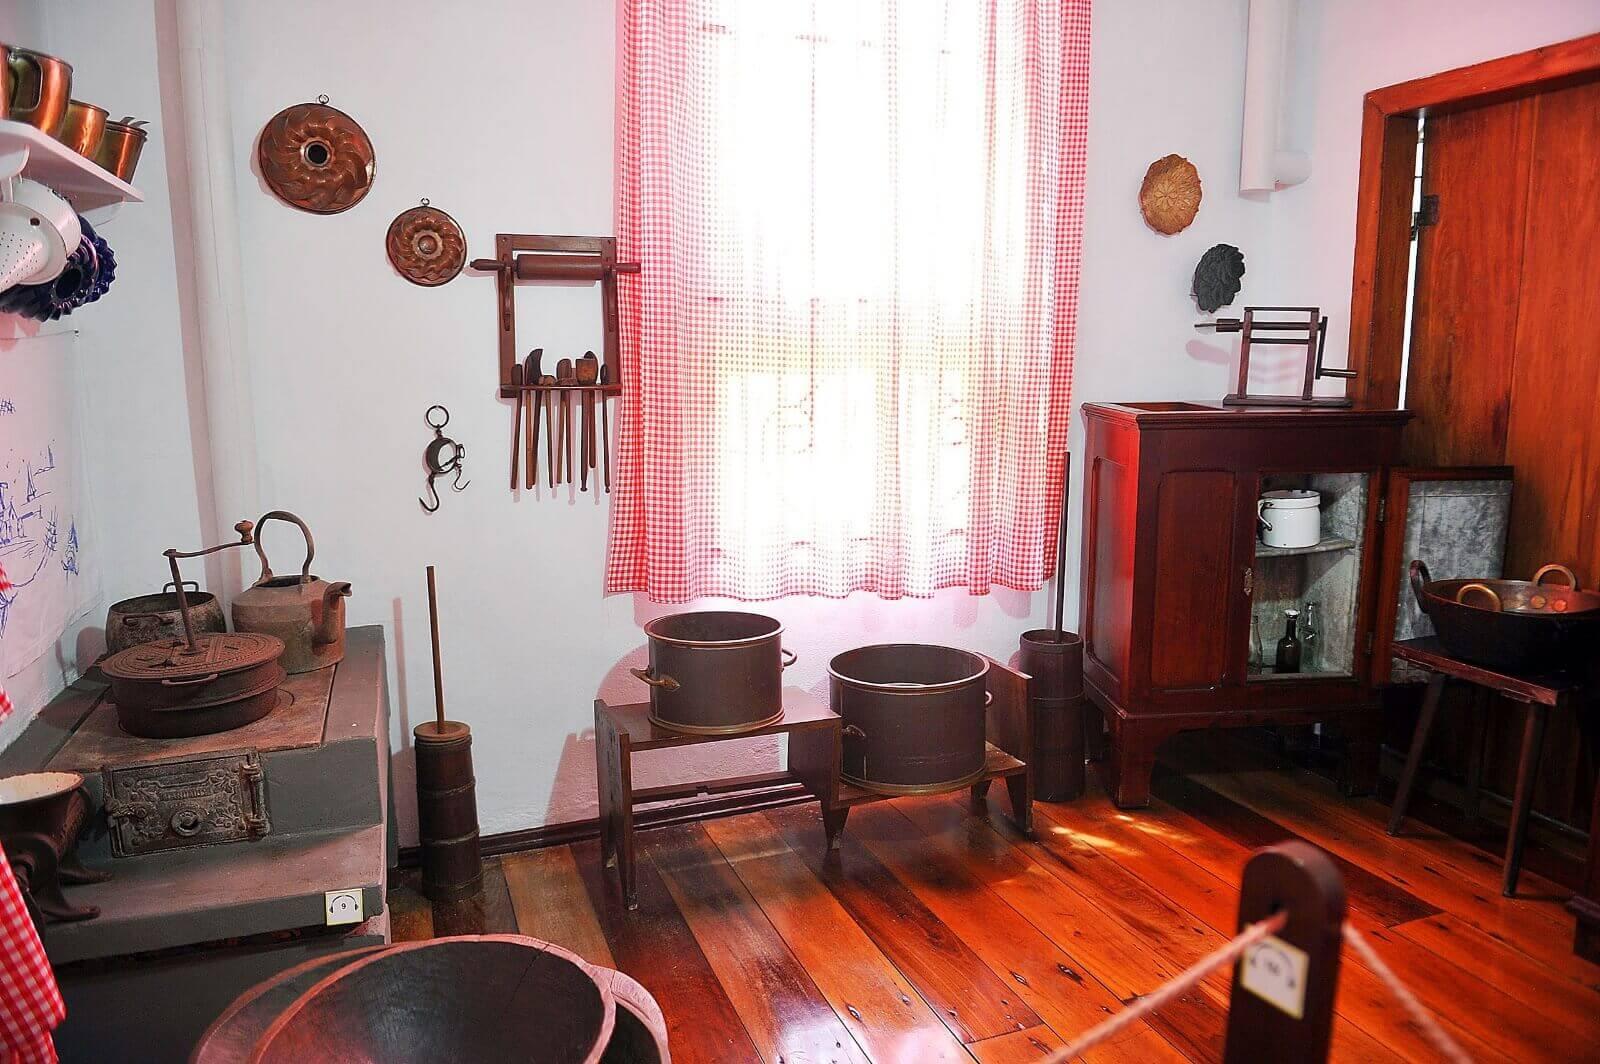 Museu família colonial de Blumenau - area interna